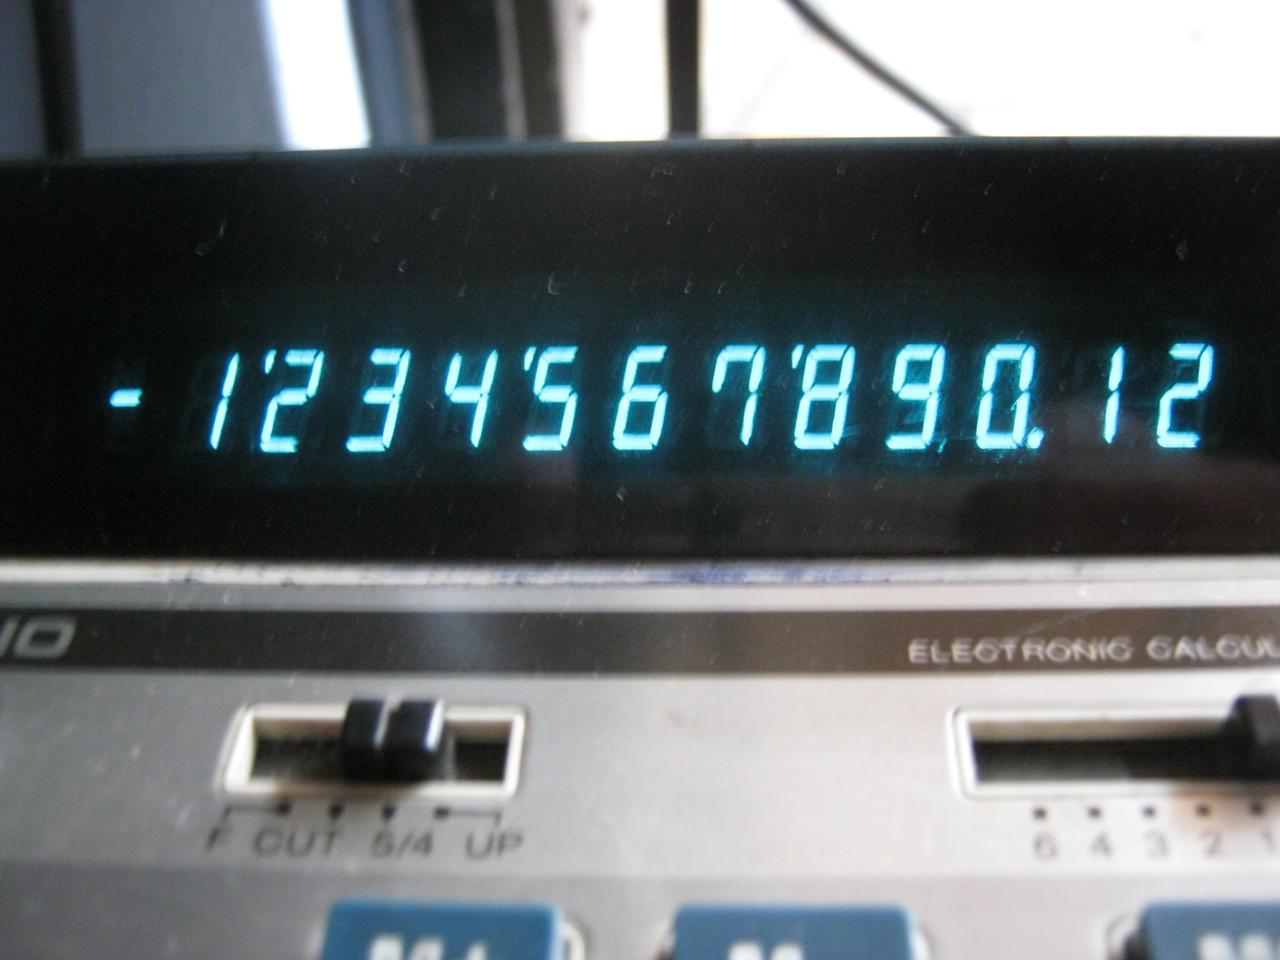 Retrocalculadora VFD by carlosfelo